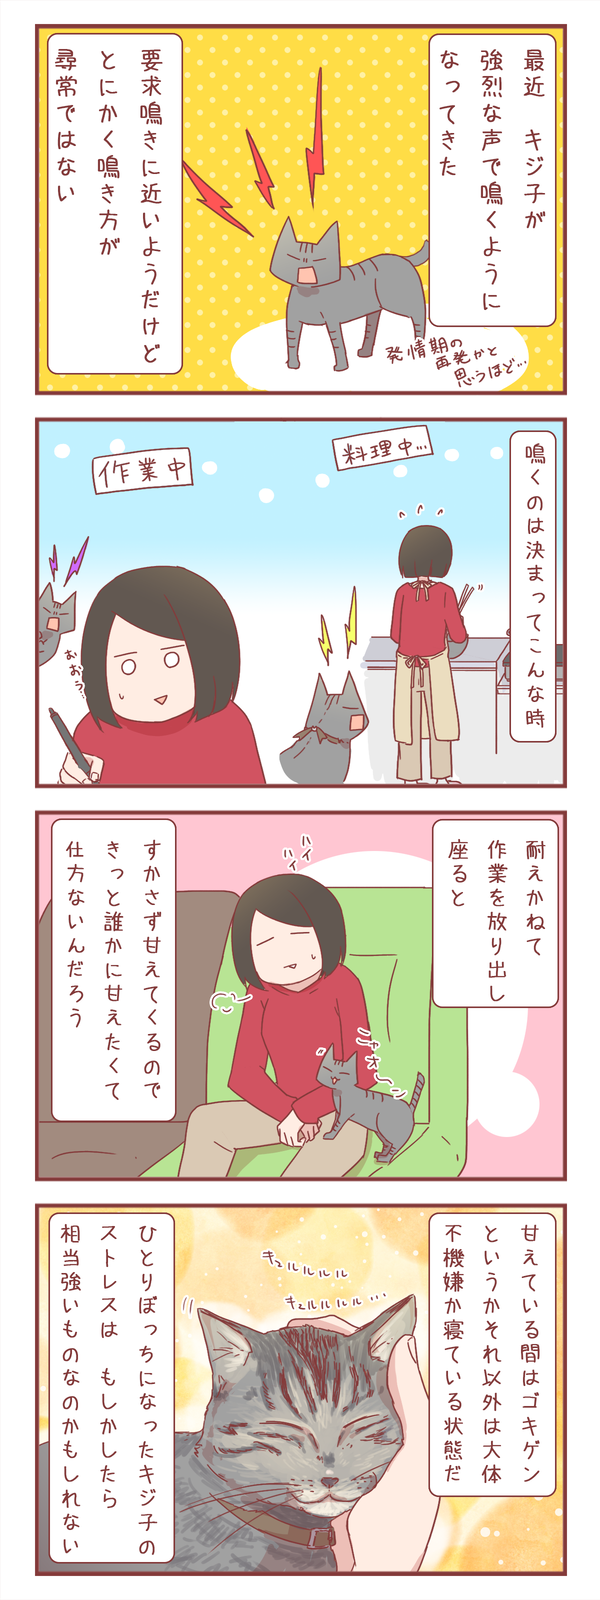 子猫の頃から一緒だった相棒猫を喪ったキジ子のメンタルが心配